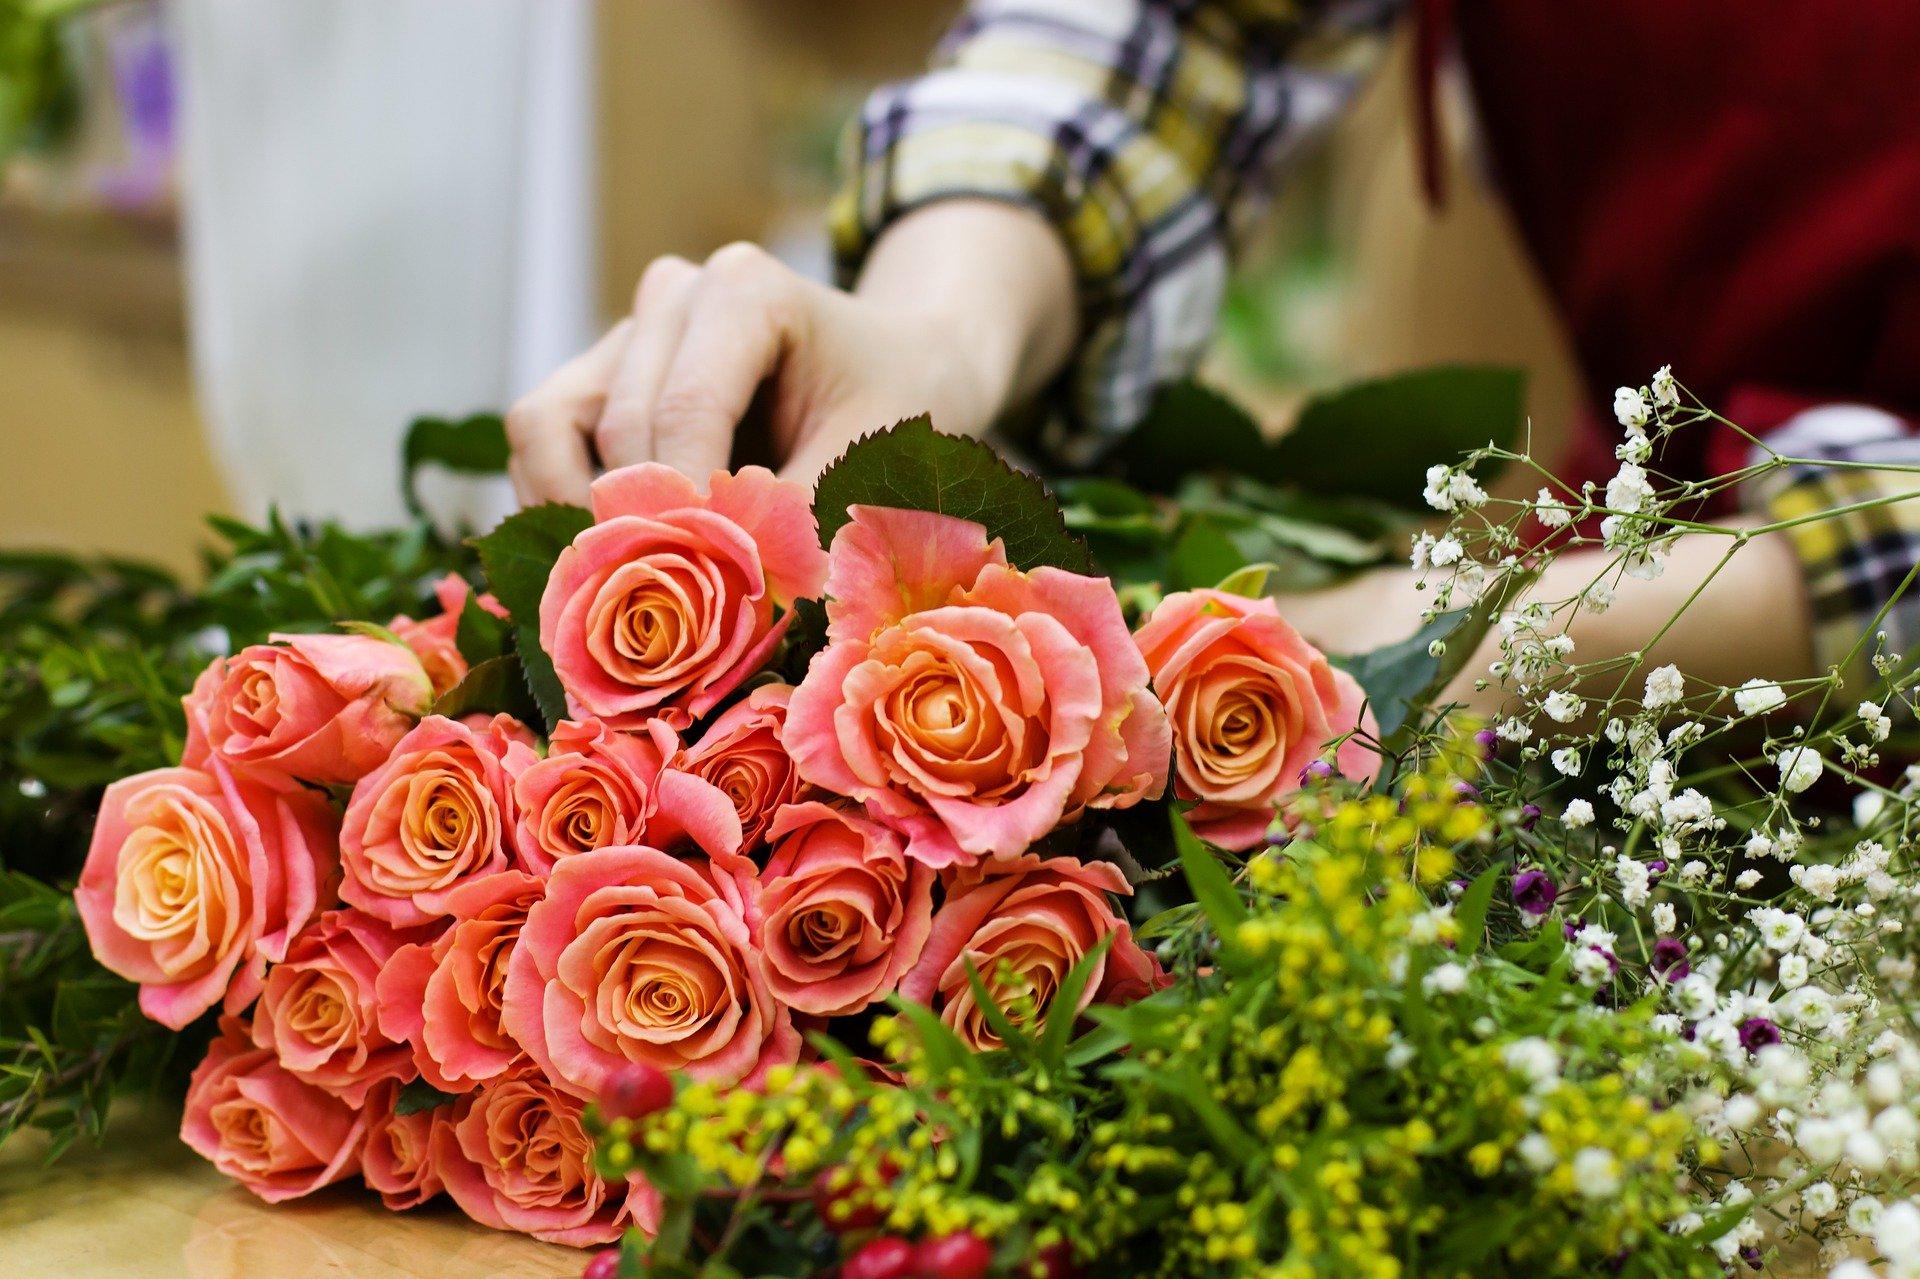 Koopr- Fleuriste-Pixabay-Nastya_gepp